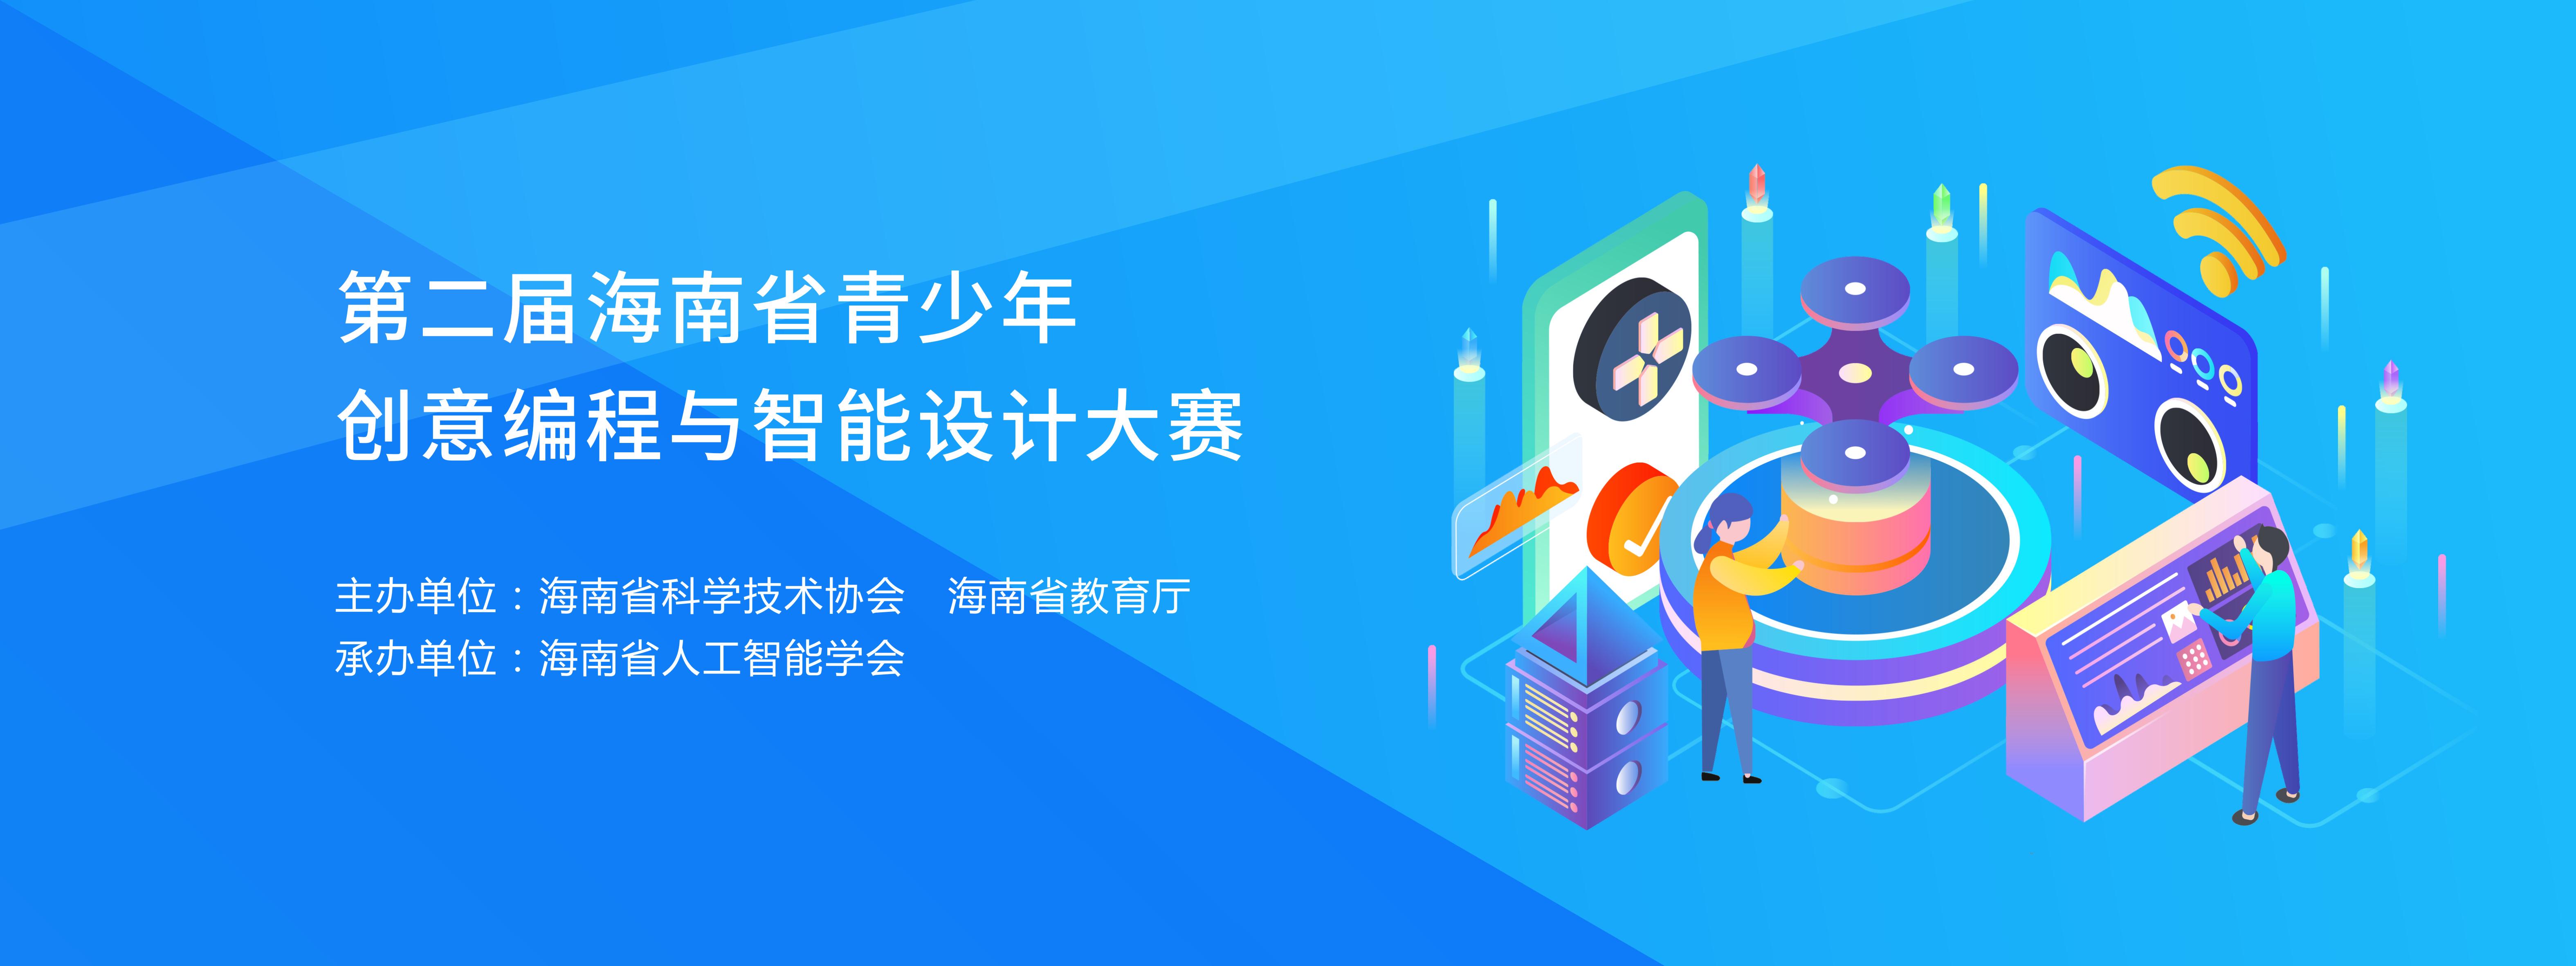 2021年第二届海南省创意编程与智能设计大赛